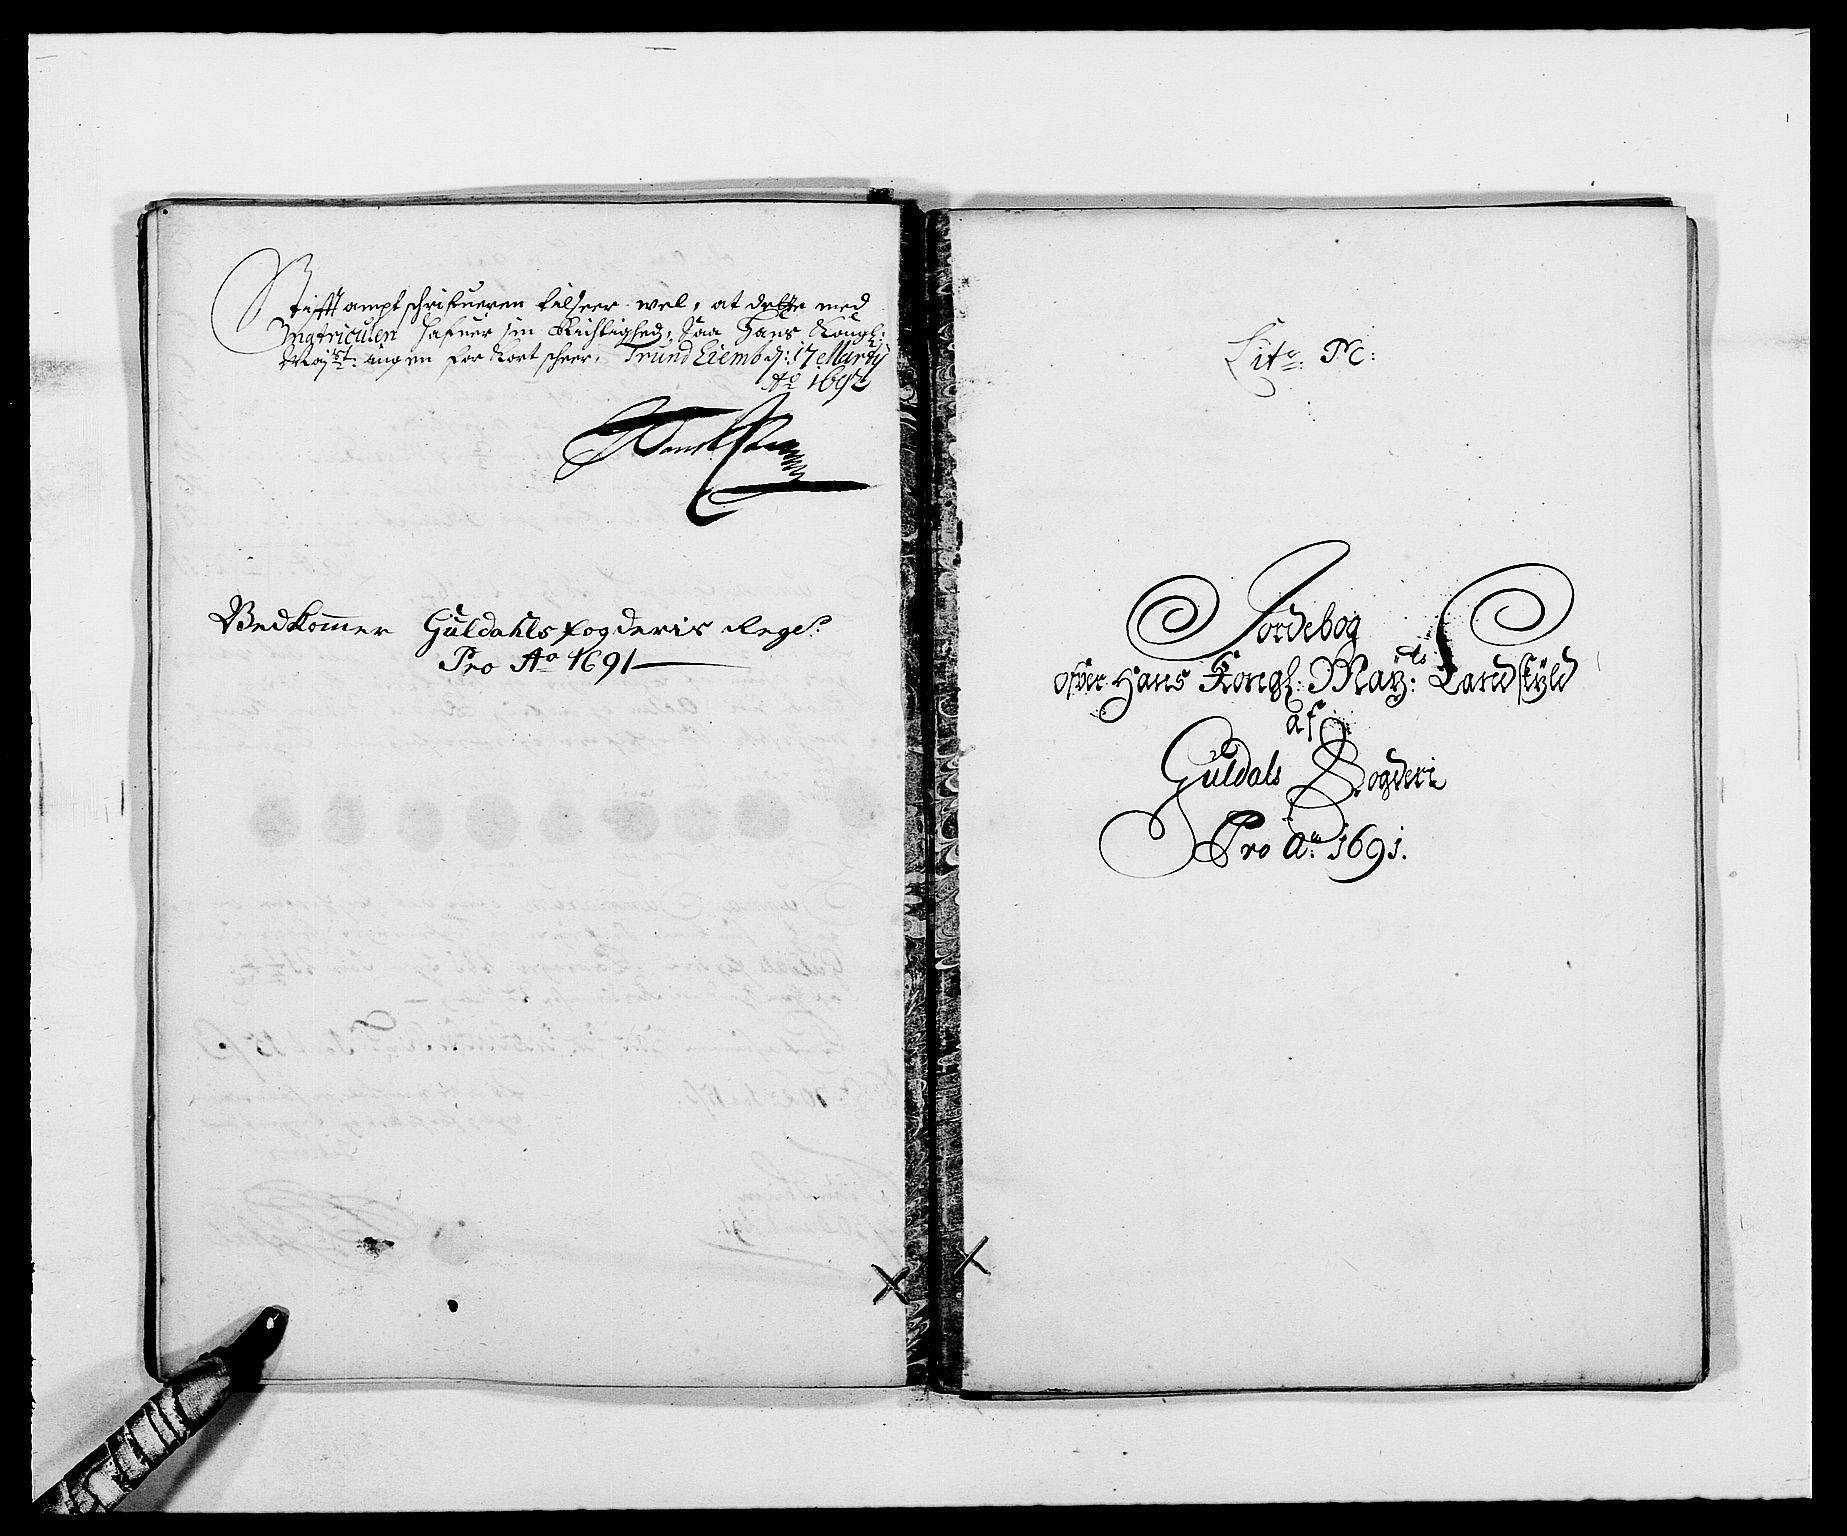 RA, Rentekammeret inntil 1814, Reviderte regnskaper, Fogderegnskap, R59/L3941: Fogderegnskap Gauldal, 1691, s. 127